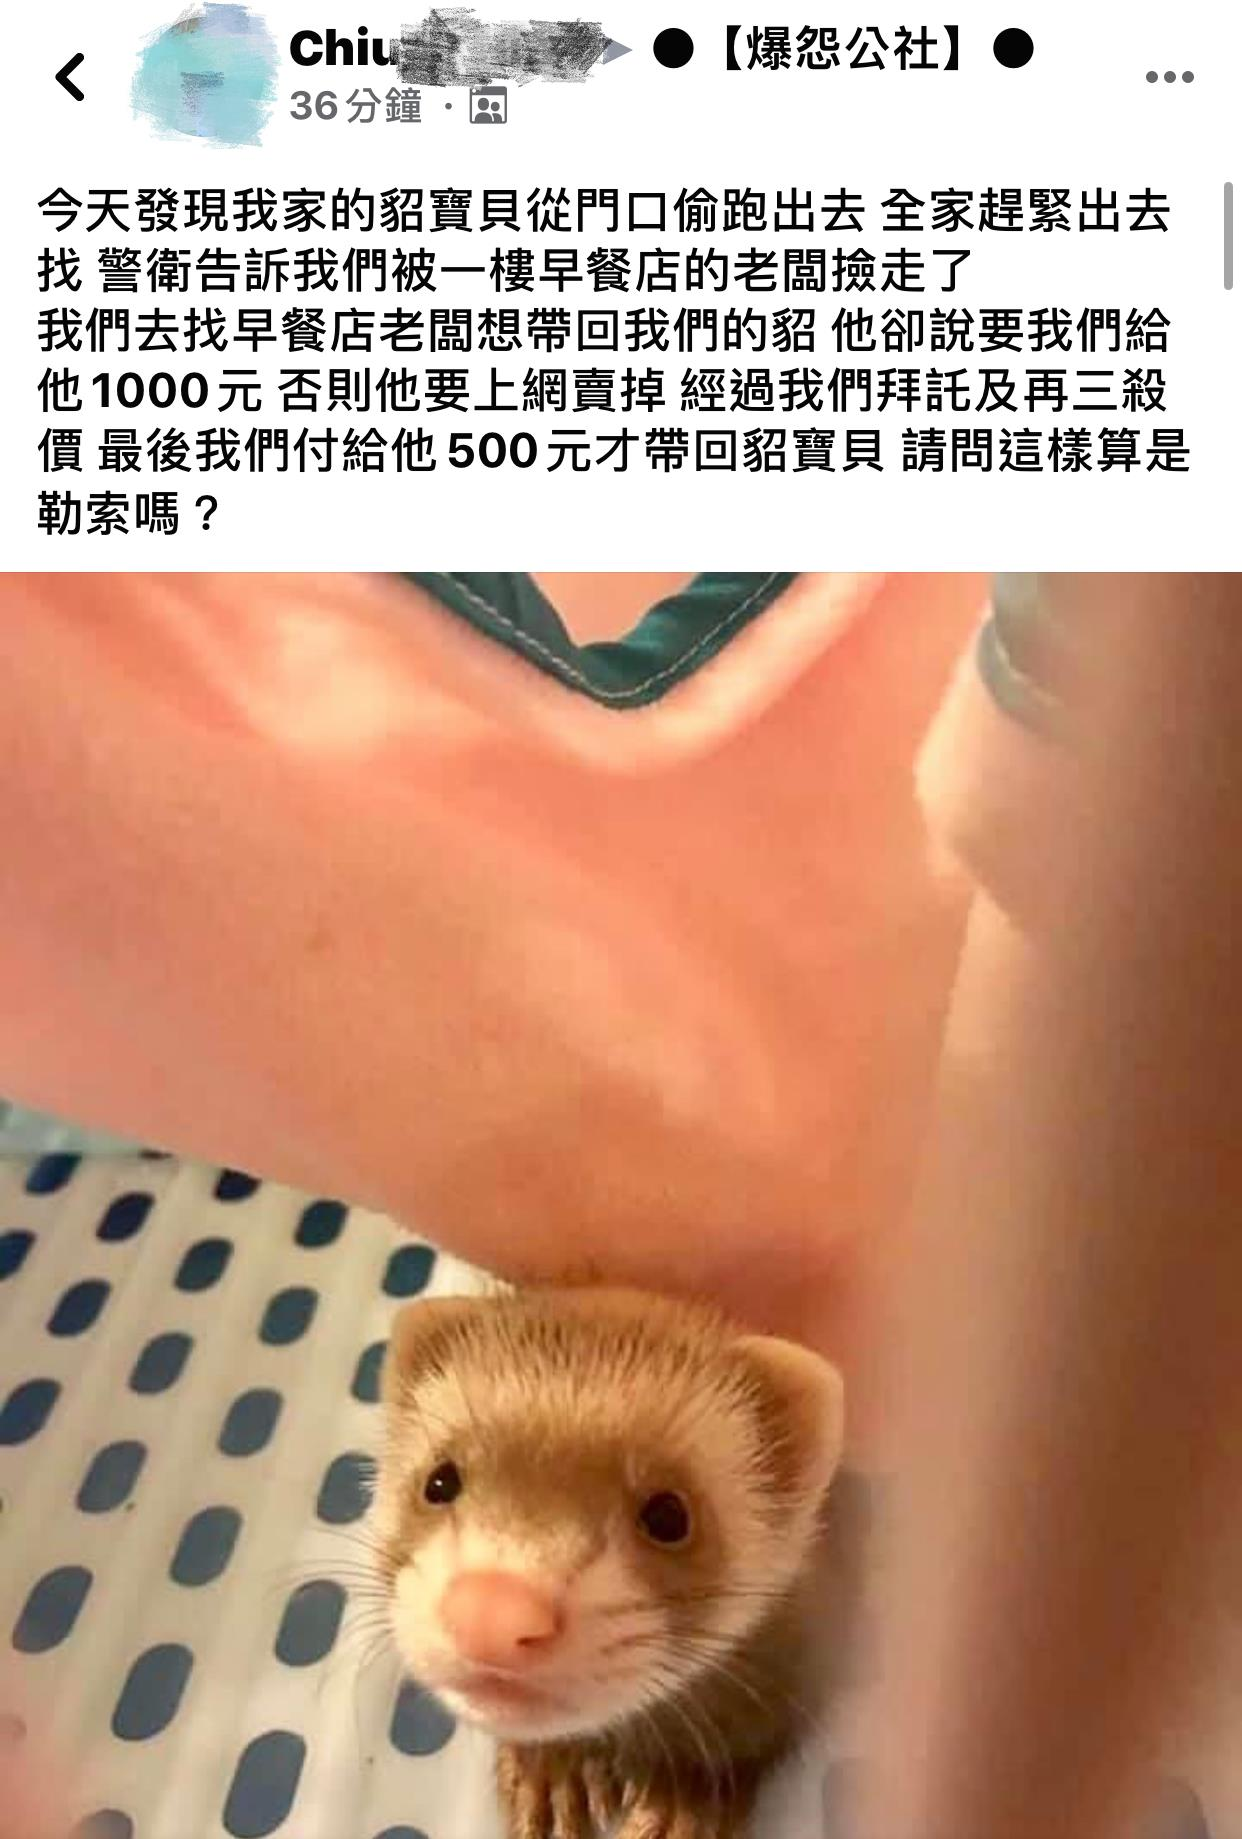 寵物貂「偷溜出門」被民眾攔截 主人「求帶回」他冷回:用買的!